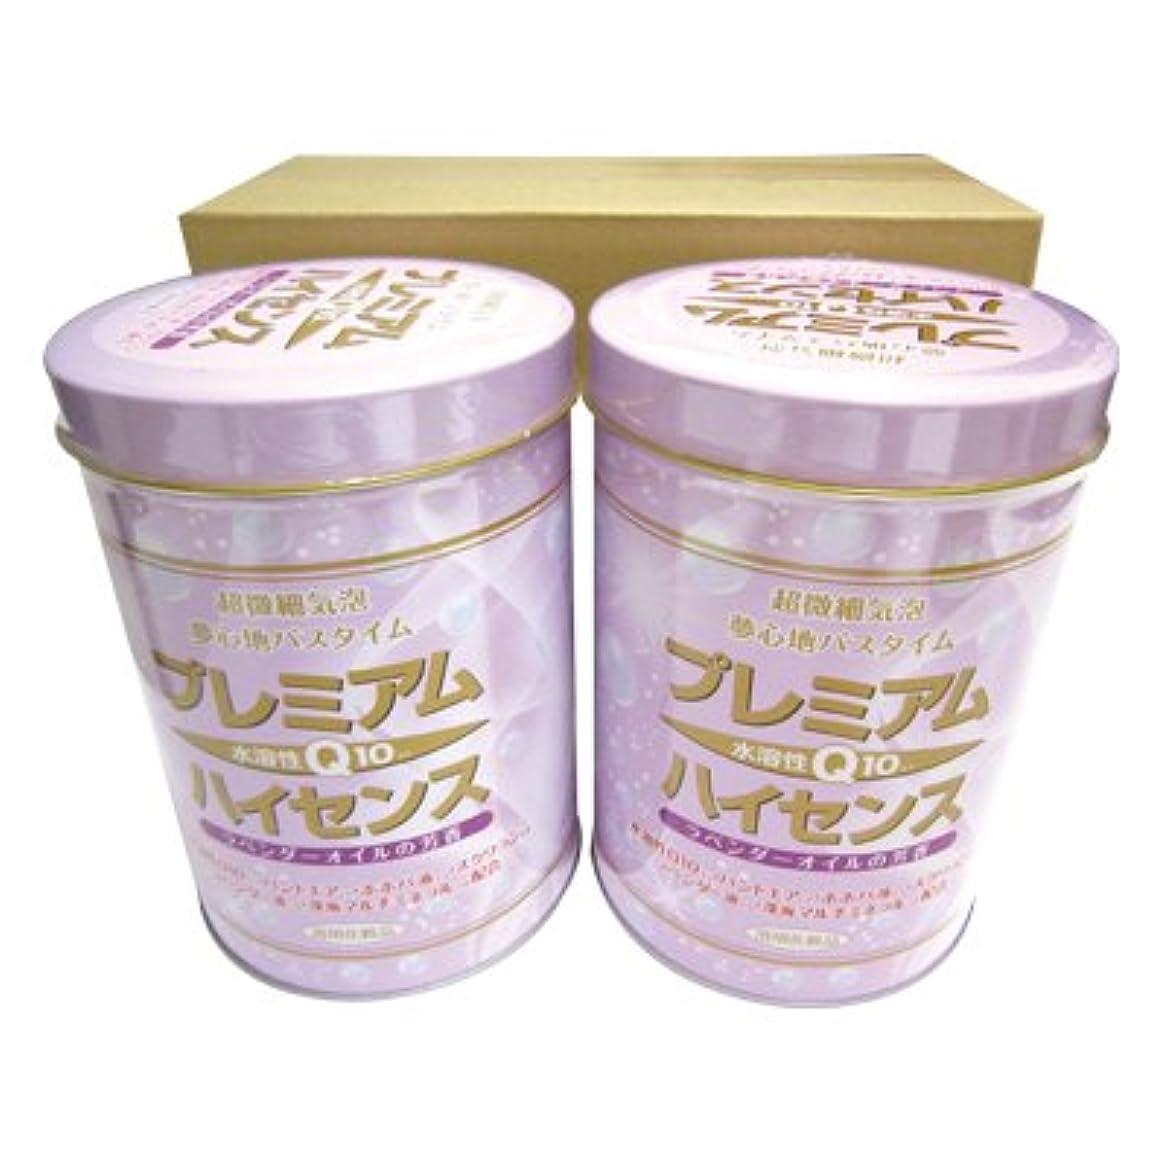 エリートフリッパーサイドボード【高陽社】浴用化粧品 プレミアムハイセンス 2缶セット